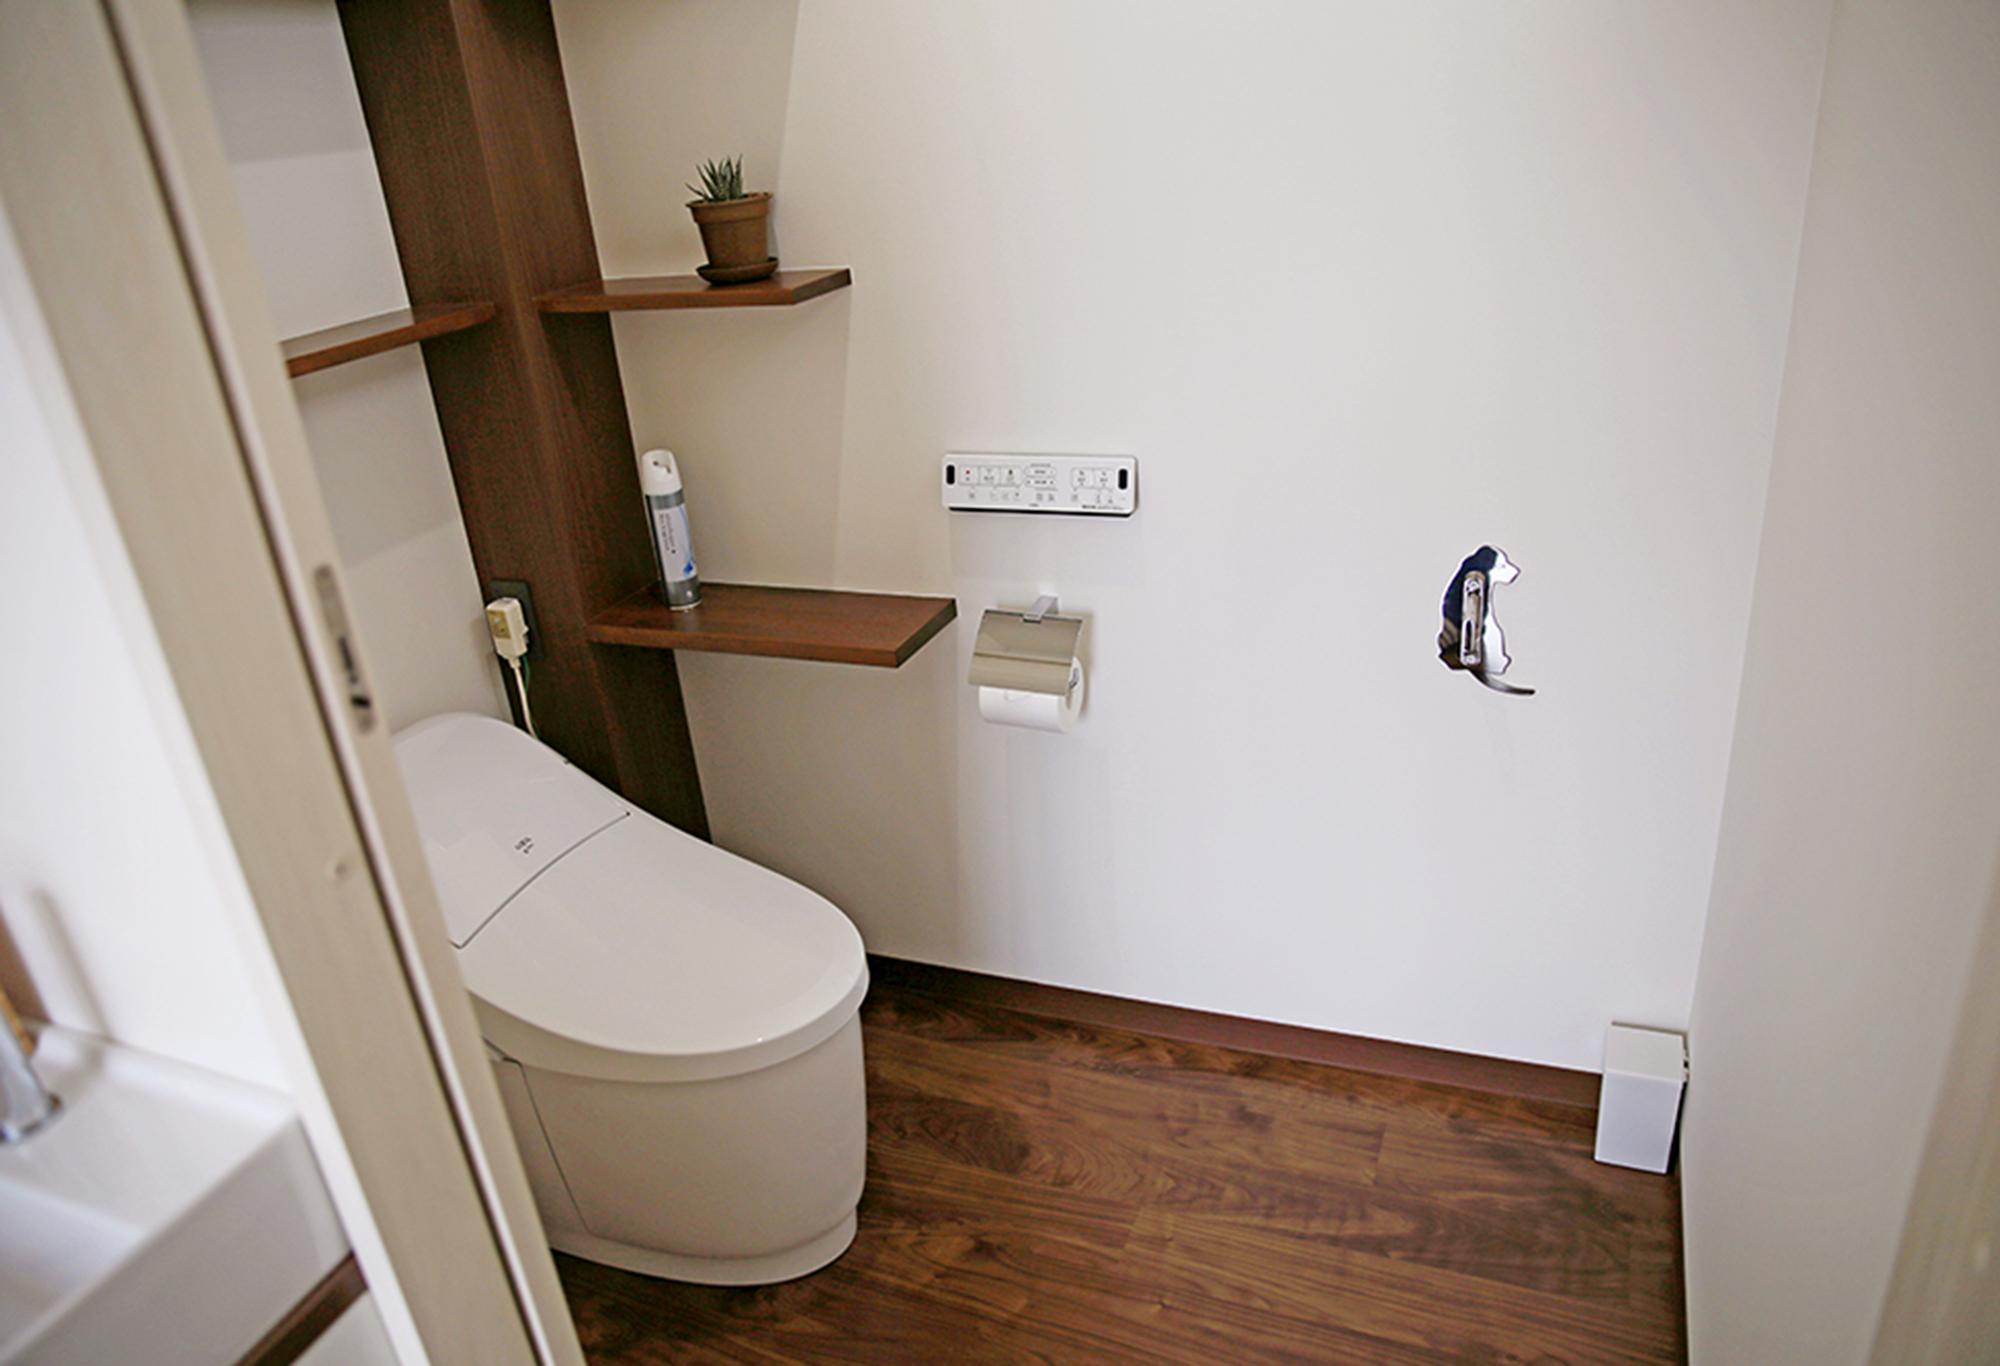 【トイレ】<br /> 動物も一緒に入れるゆったりしたトイレです。